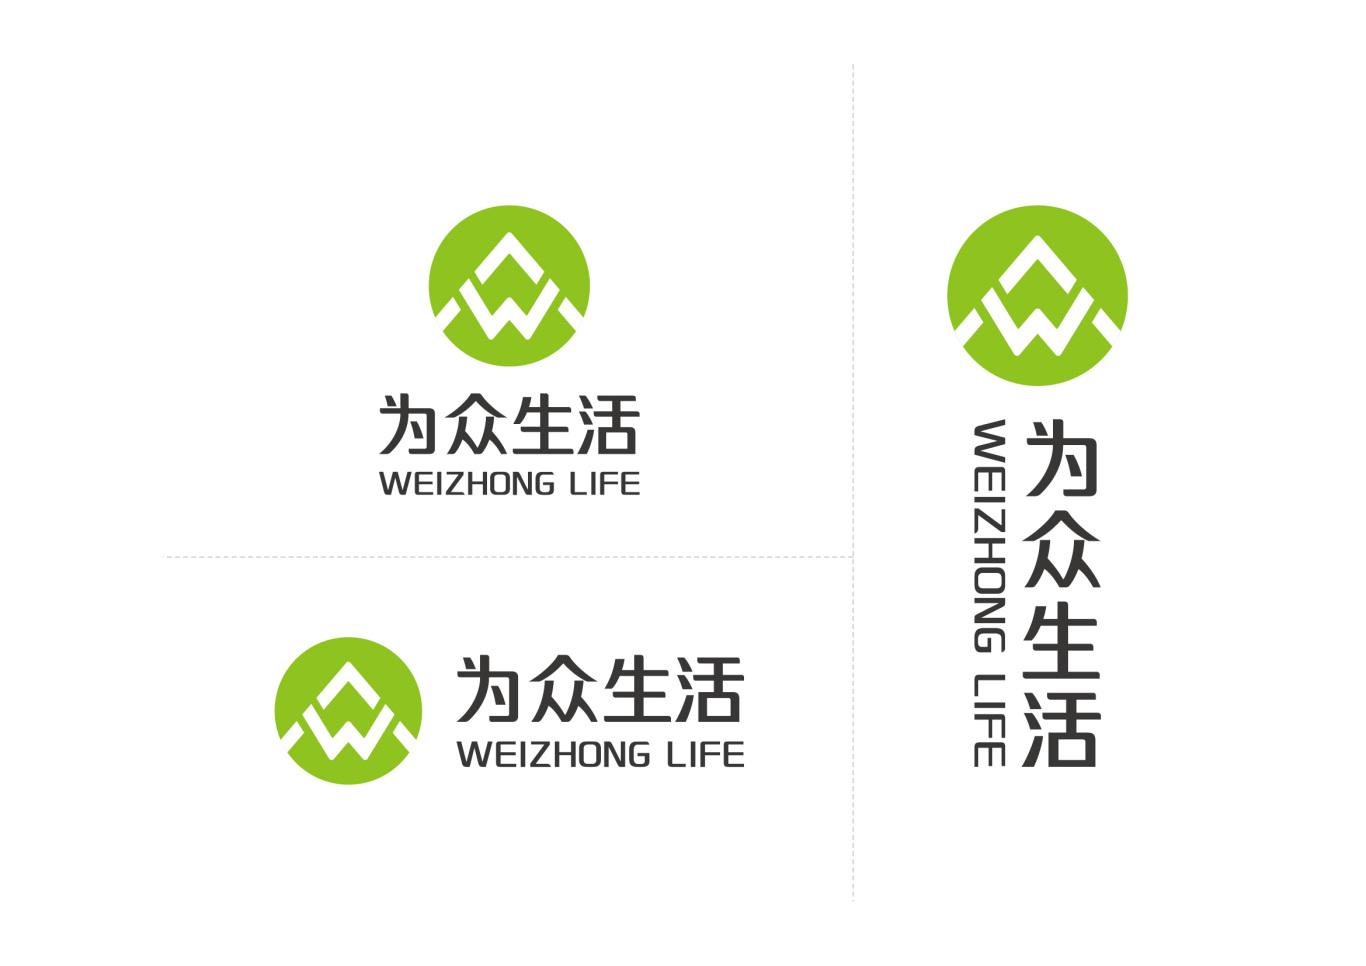 为众生活-品牌标志设计图11